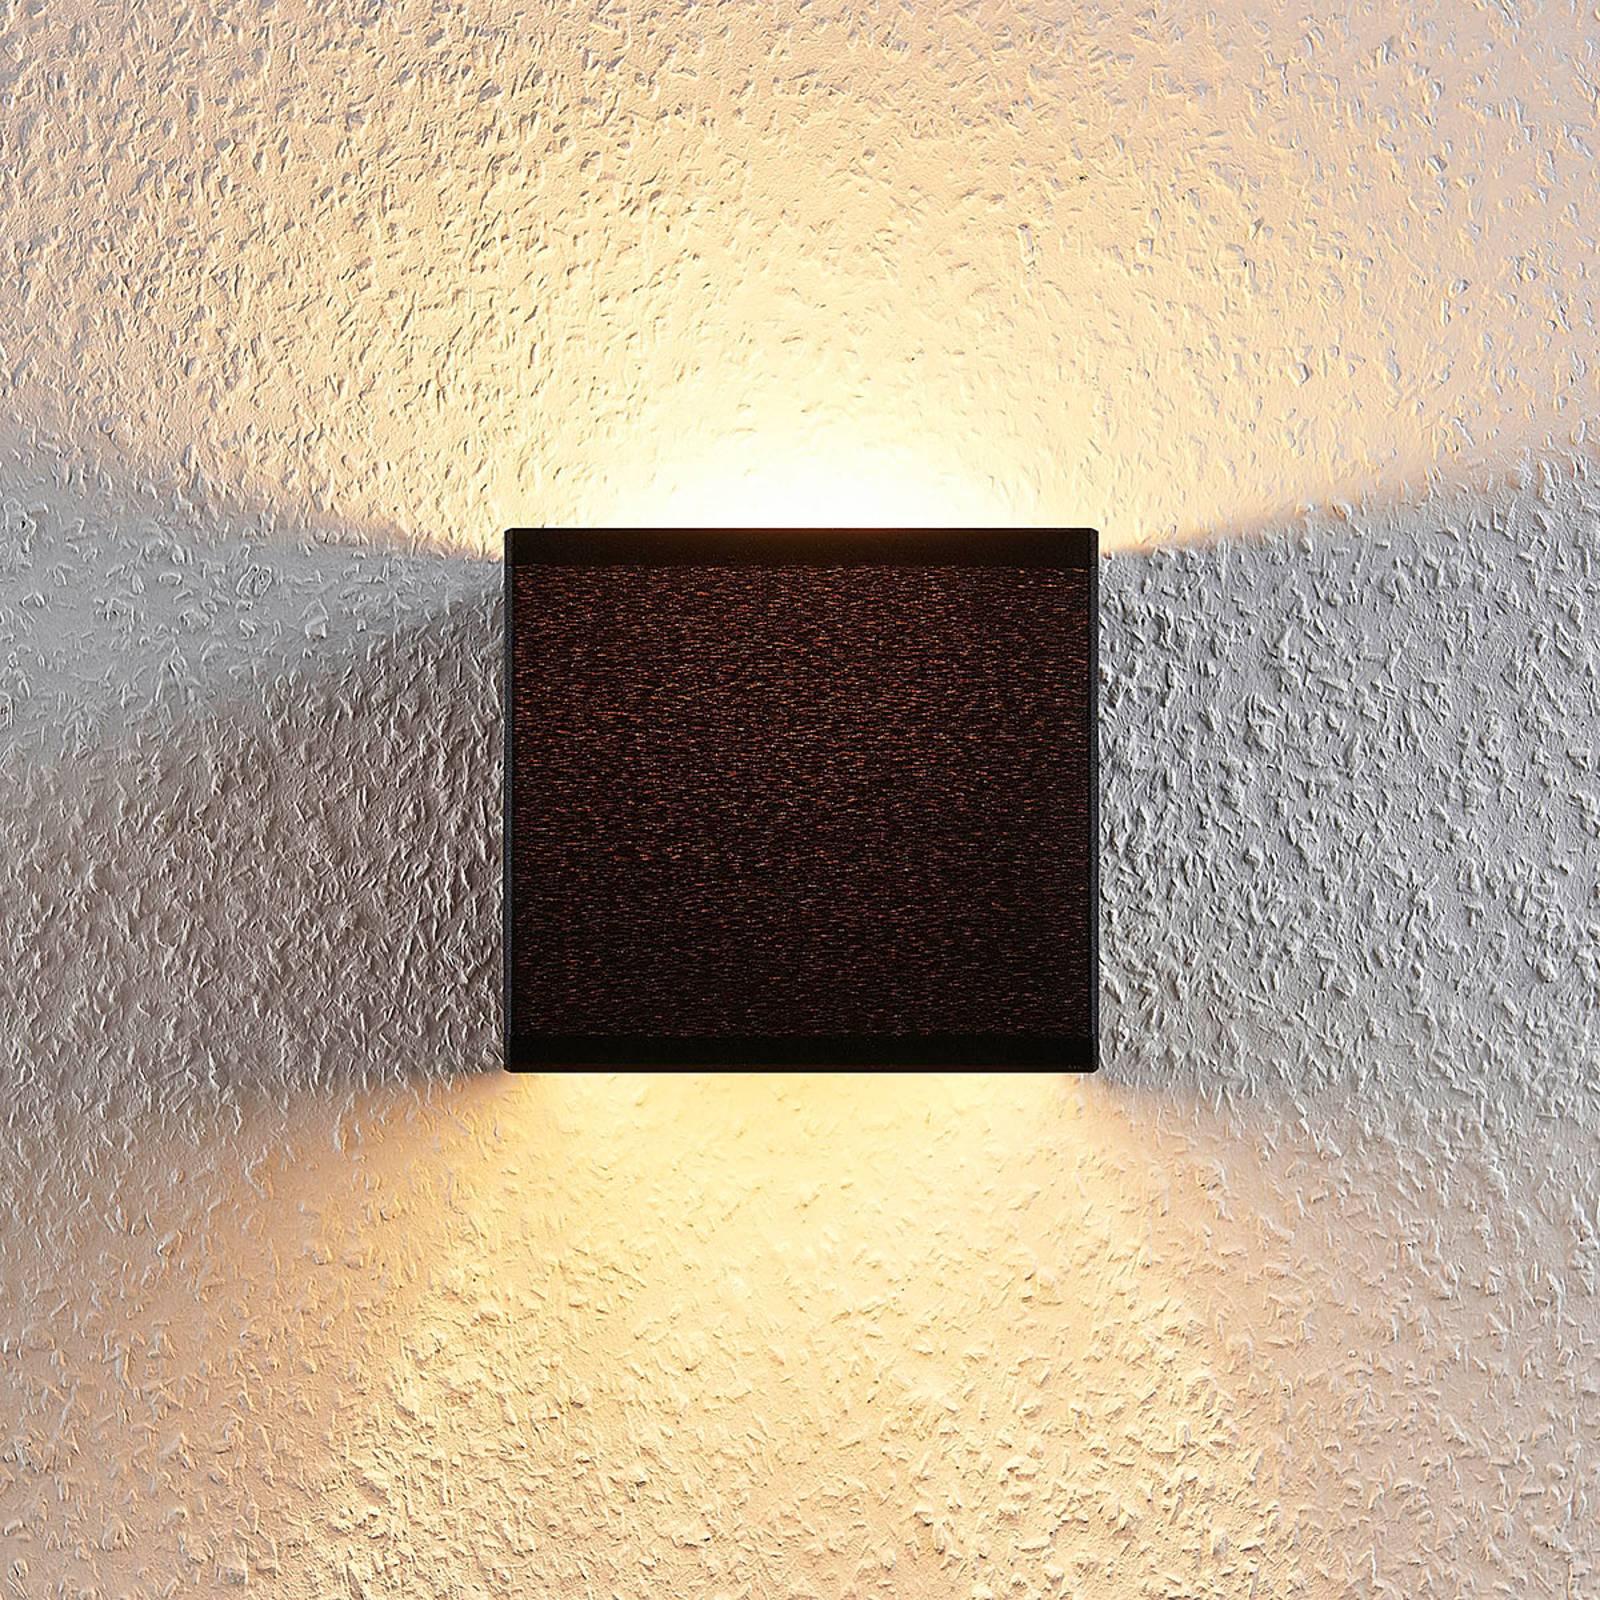 Kangas-seinälamppu Adea kytkimellä, 13 cm, musta